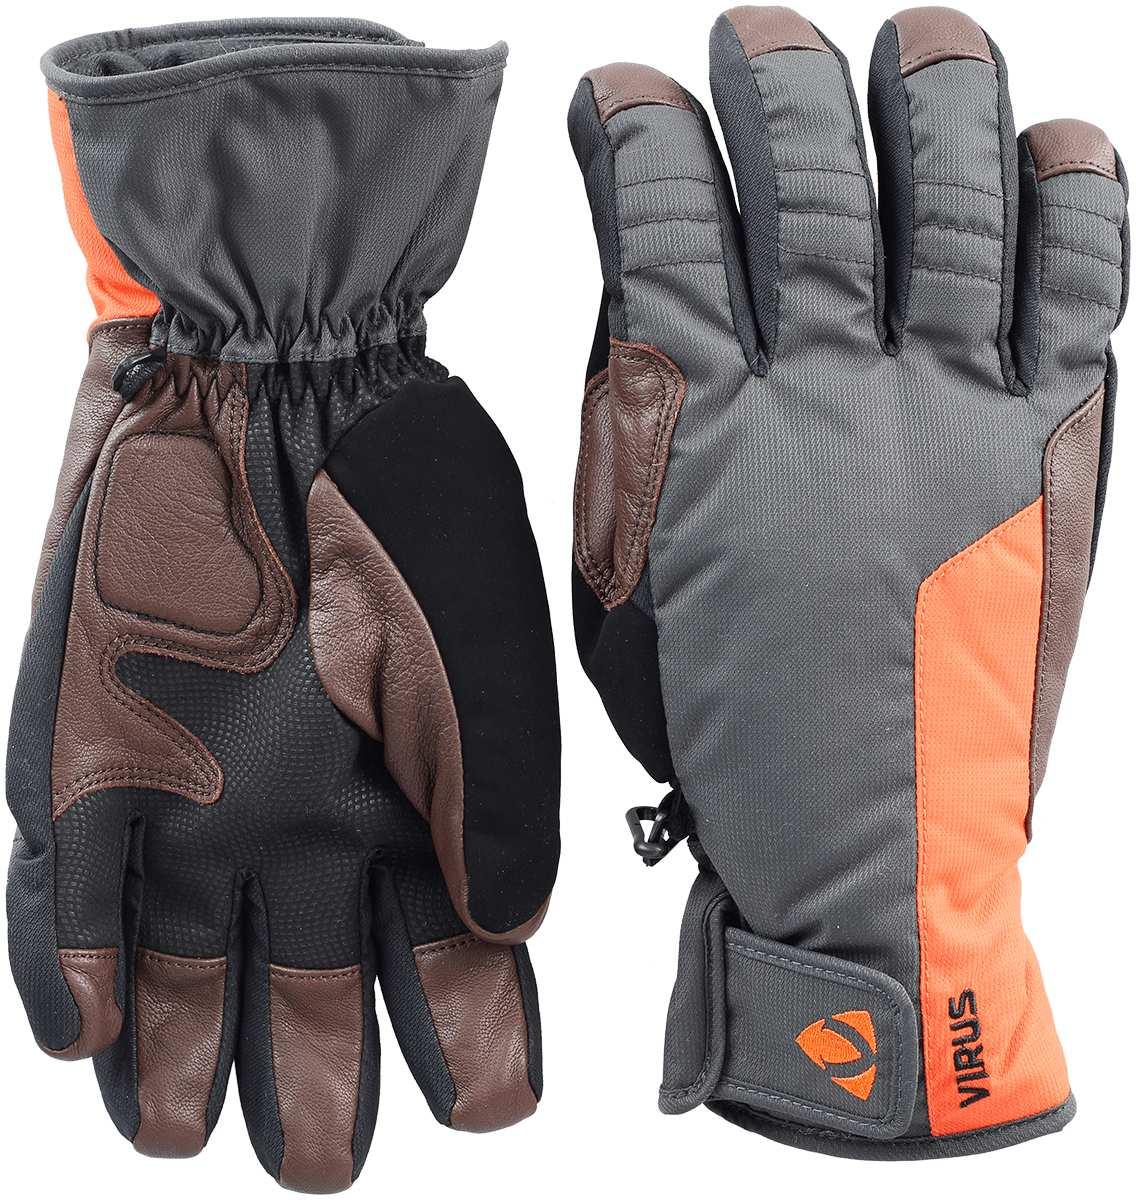 Перчатки F5 мужскиеПерчатки<br>Универсальные перчатки, подходящие как лыжникам, так и сноубордистам. Обеспечивает надежную защиту от холода и плотную посадку благодаря утеплителю HyperLoft.<br><br><br>Для более надежной фиксации предусмотрена регулировка на запястье. <br>...<br><br>Цвет: Черный<br>Размер: M